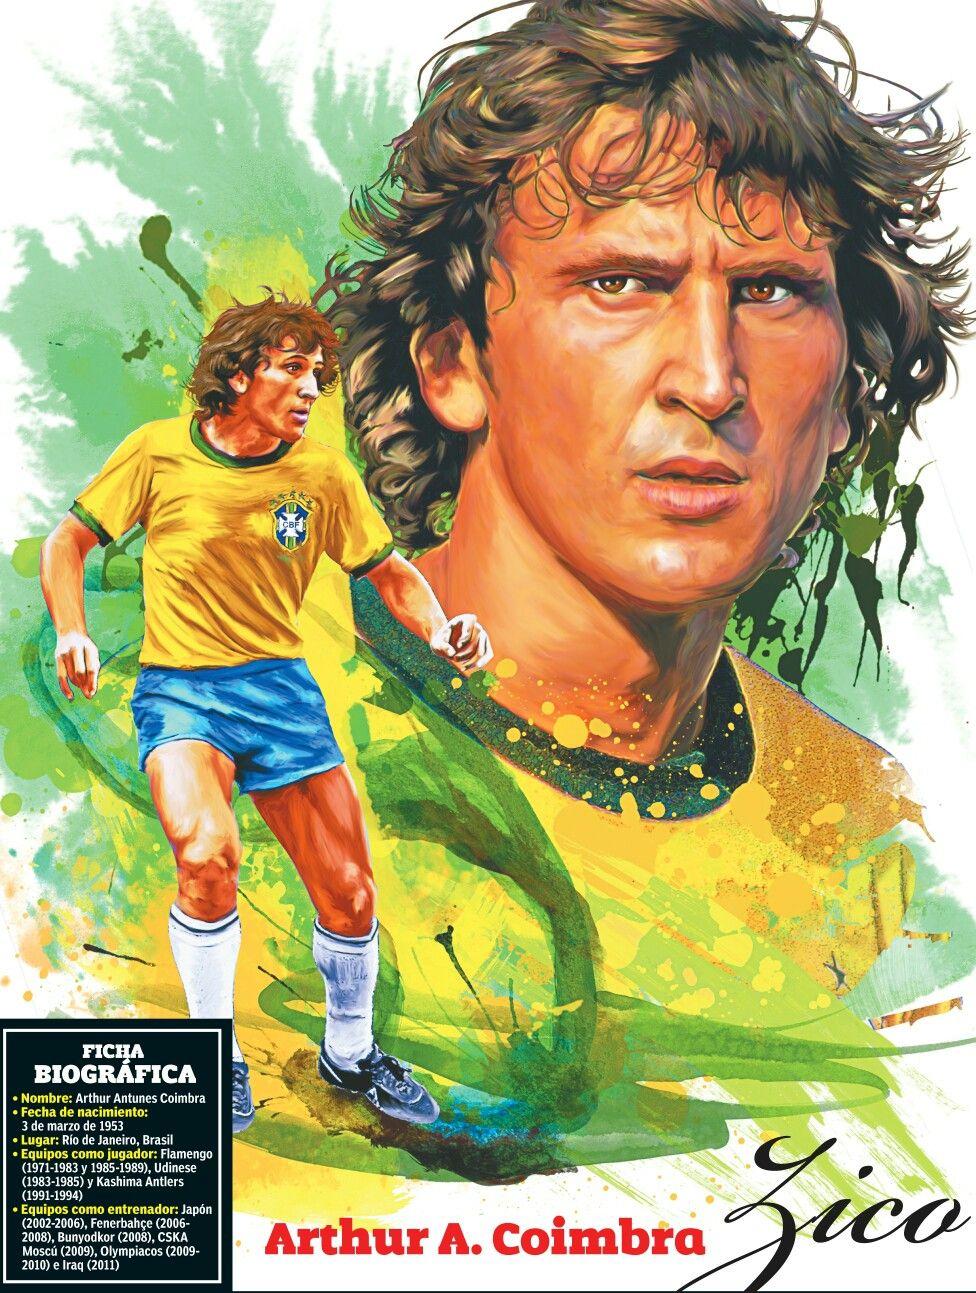 Zico Of Brazil Wallpaper Futebol Pelo Mundo Lendas Do Futebol Selecao Brasileira De Futebol